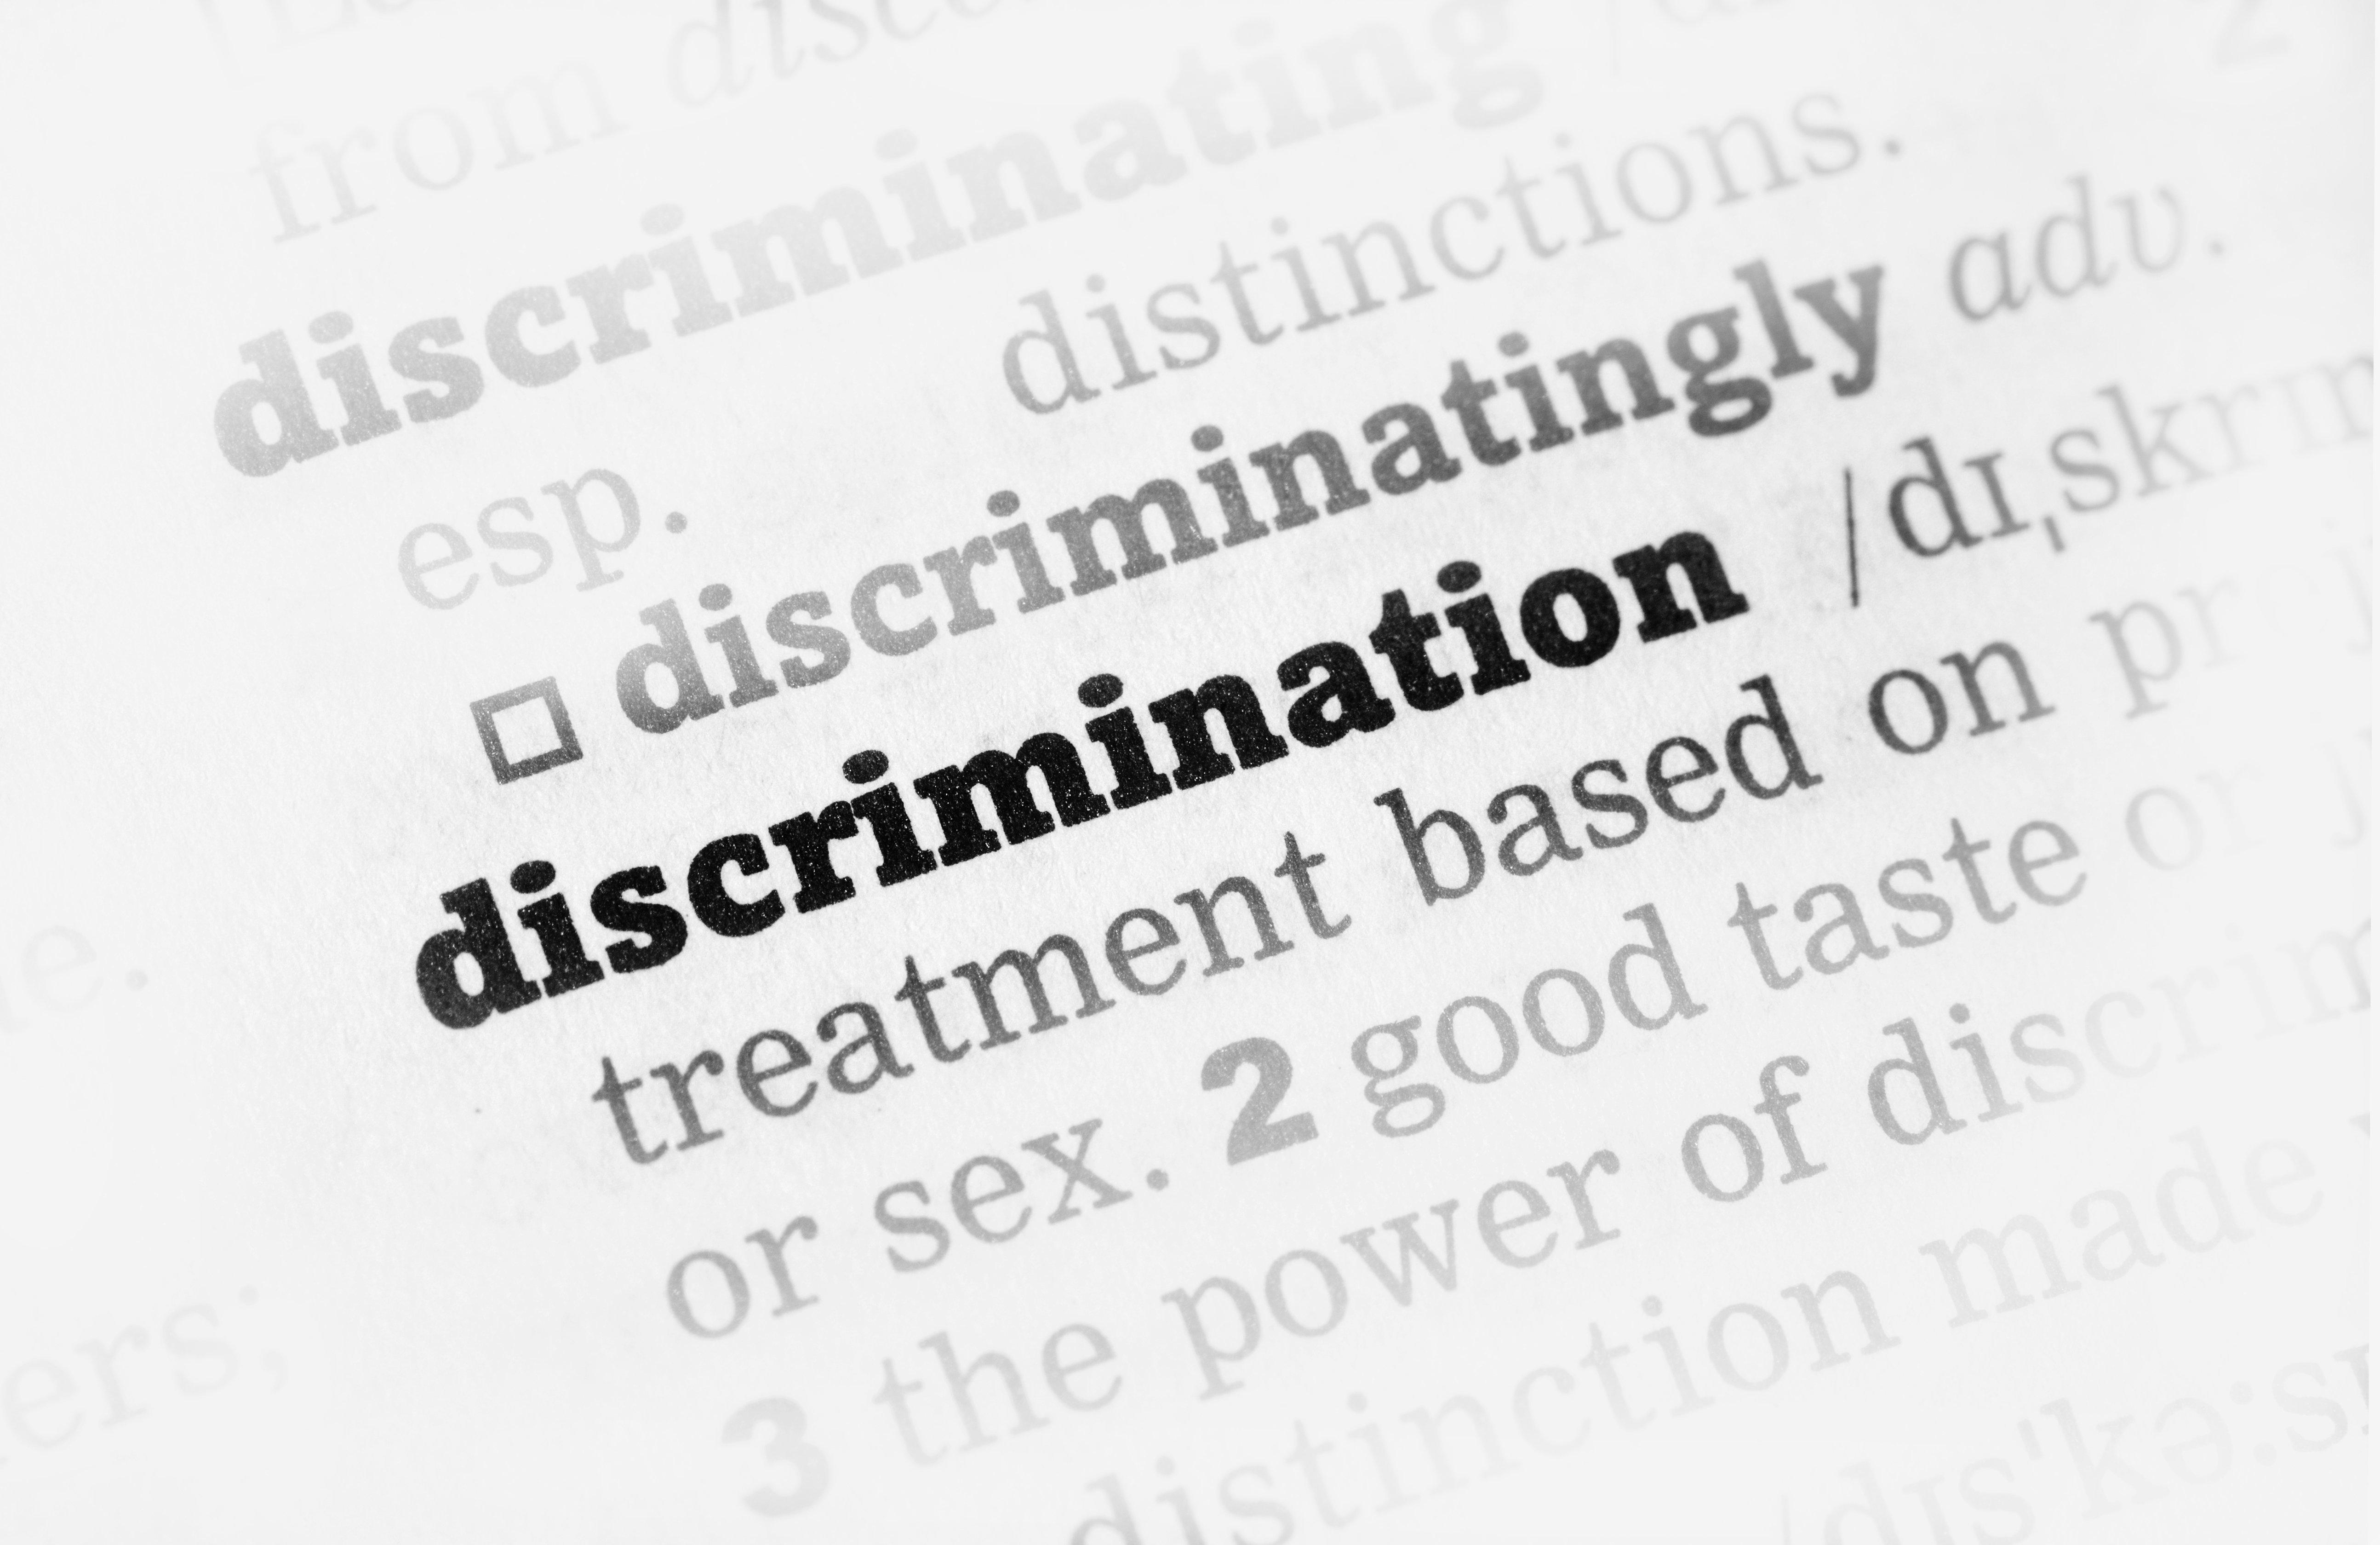 À quand l'abolition de toutes les discriminations en